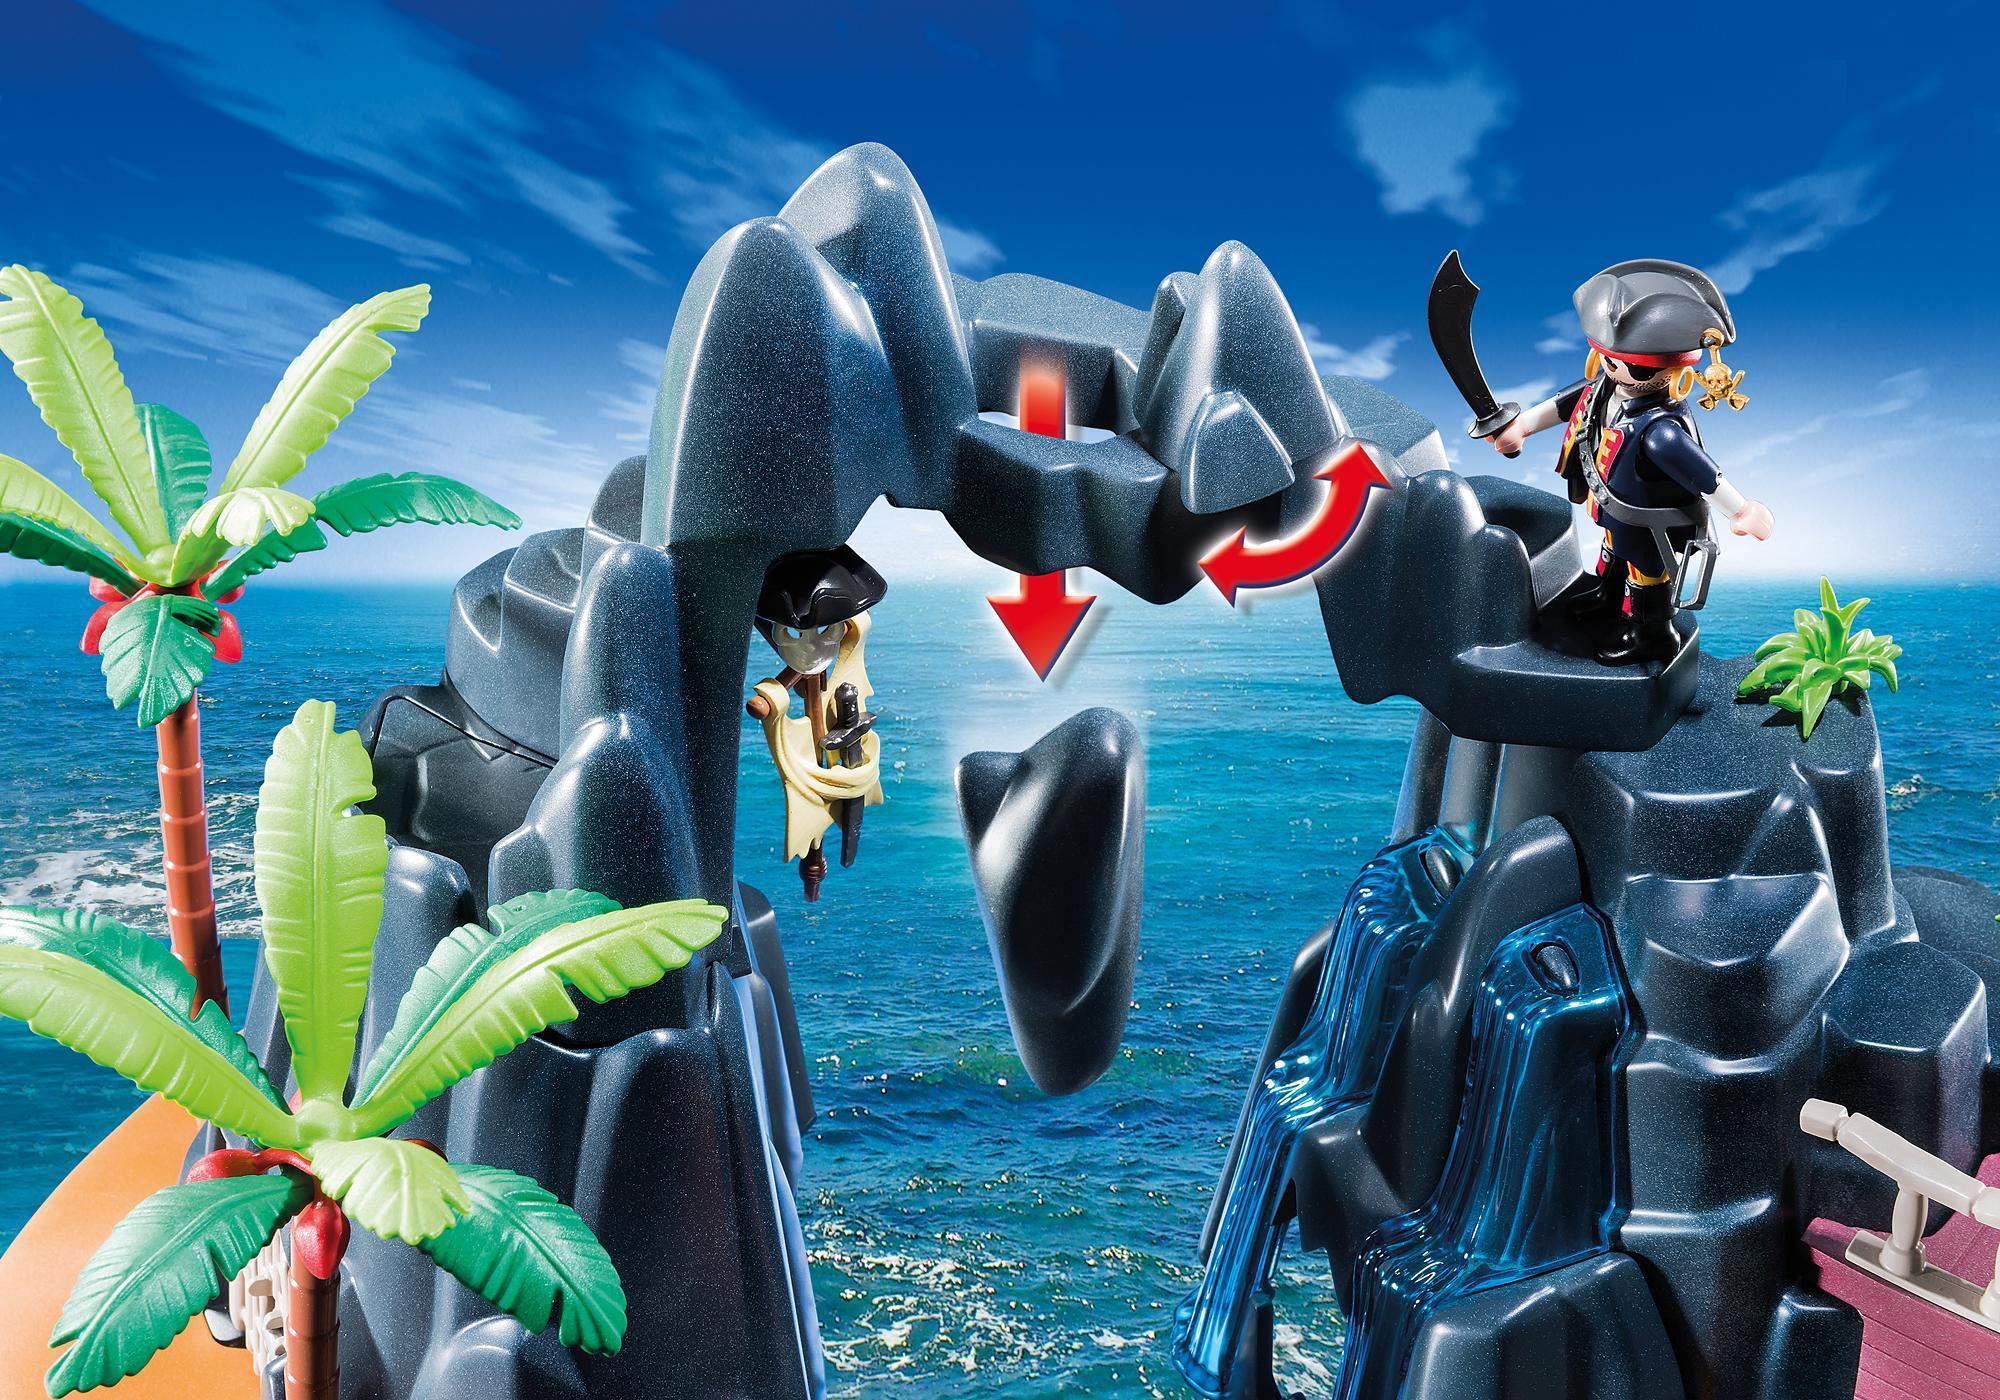 http://media.playmobil.com/i/playmobil/6679_product_extra5/Ilha do Tesouro dos Piratas